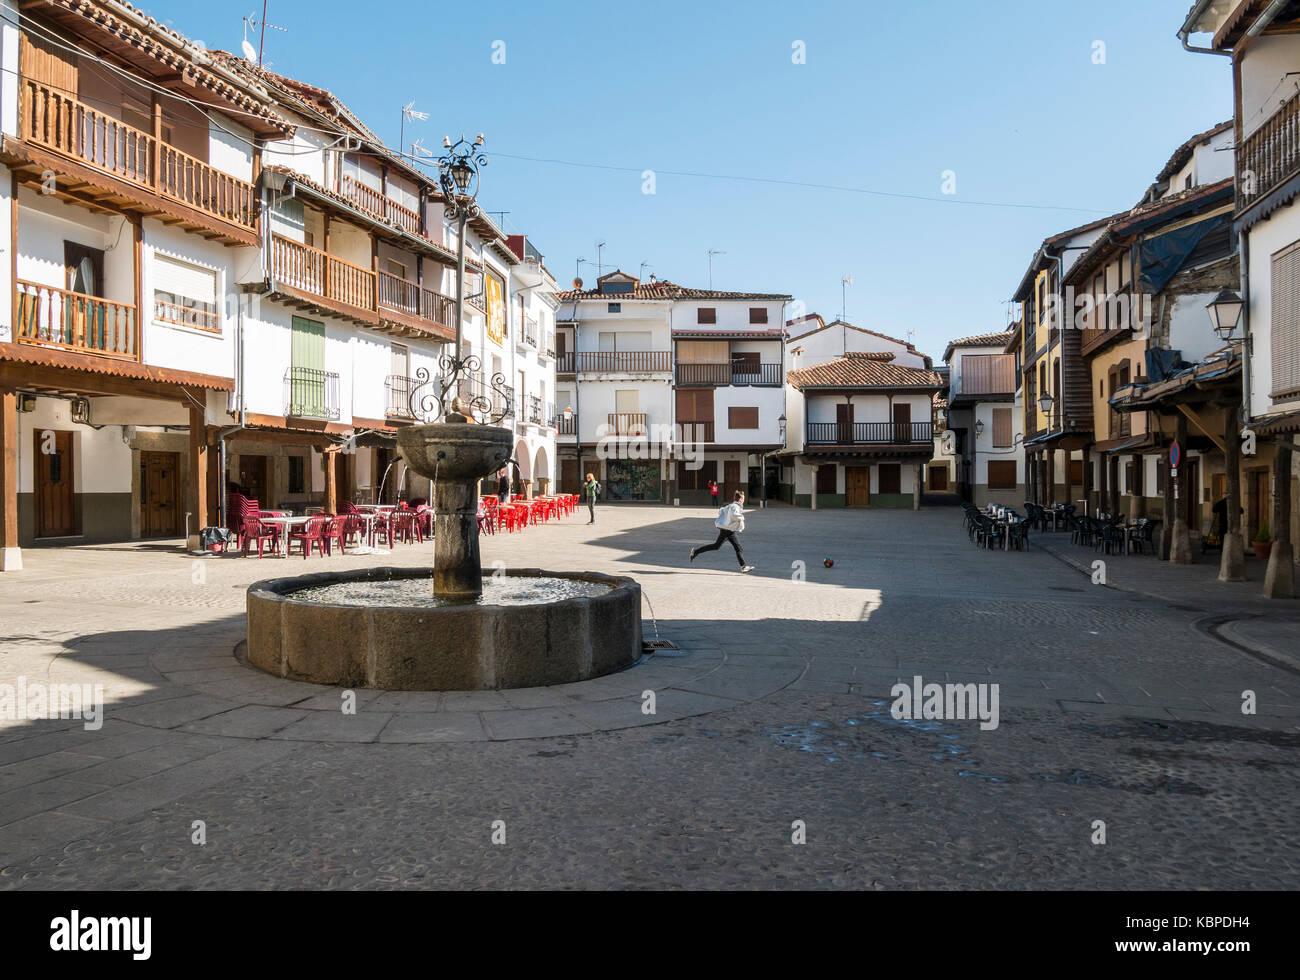 Plaza del escultor Aniceto Marinas. Villanueva de la Vera. Cáceres. Extremadura. España - Stock Image